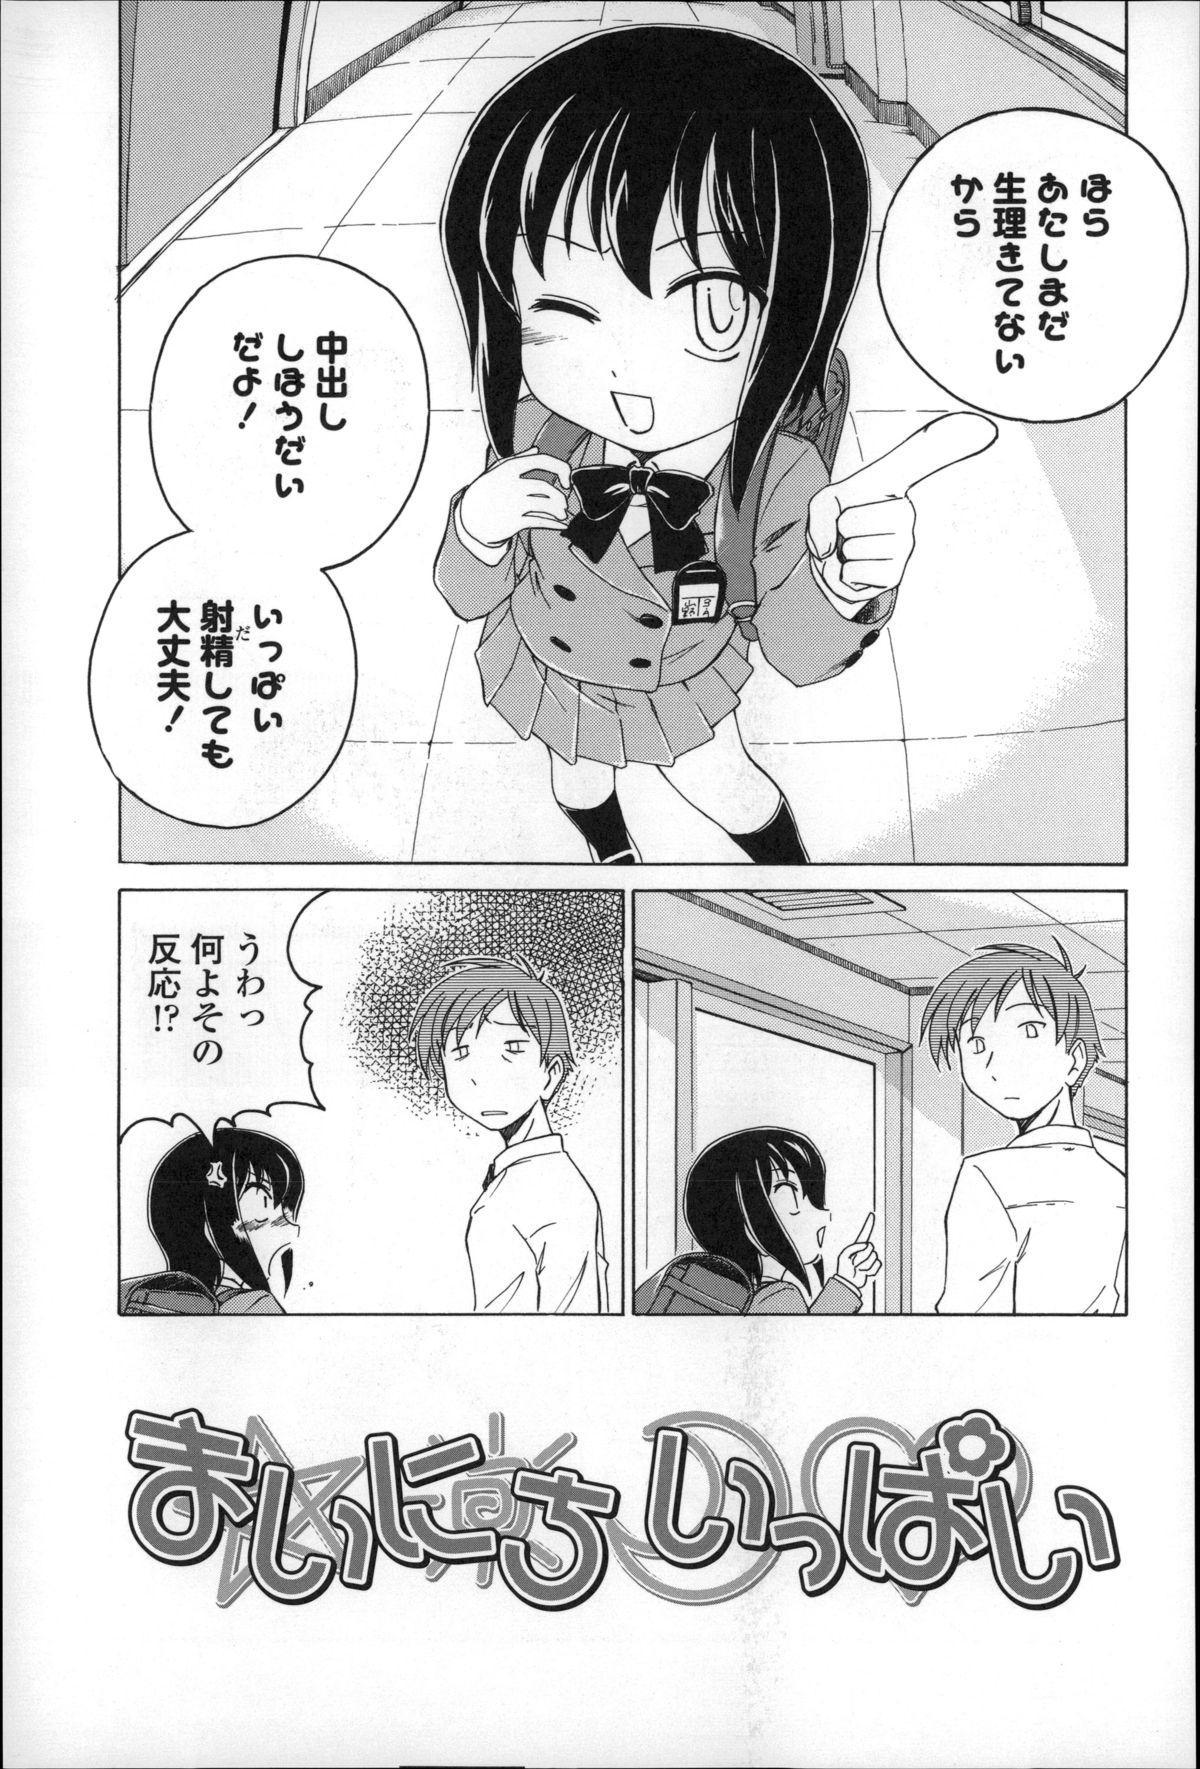 Youshou no Hana no Himitsu - The secret of Girls flowers 68